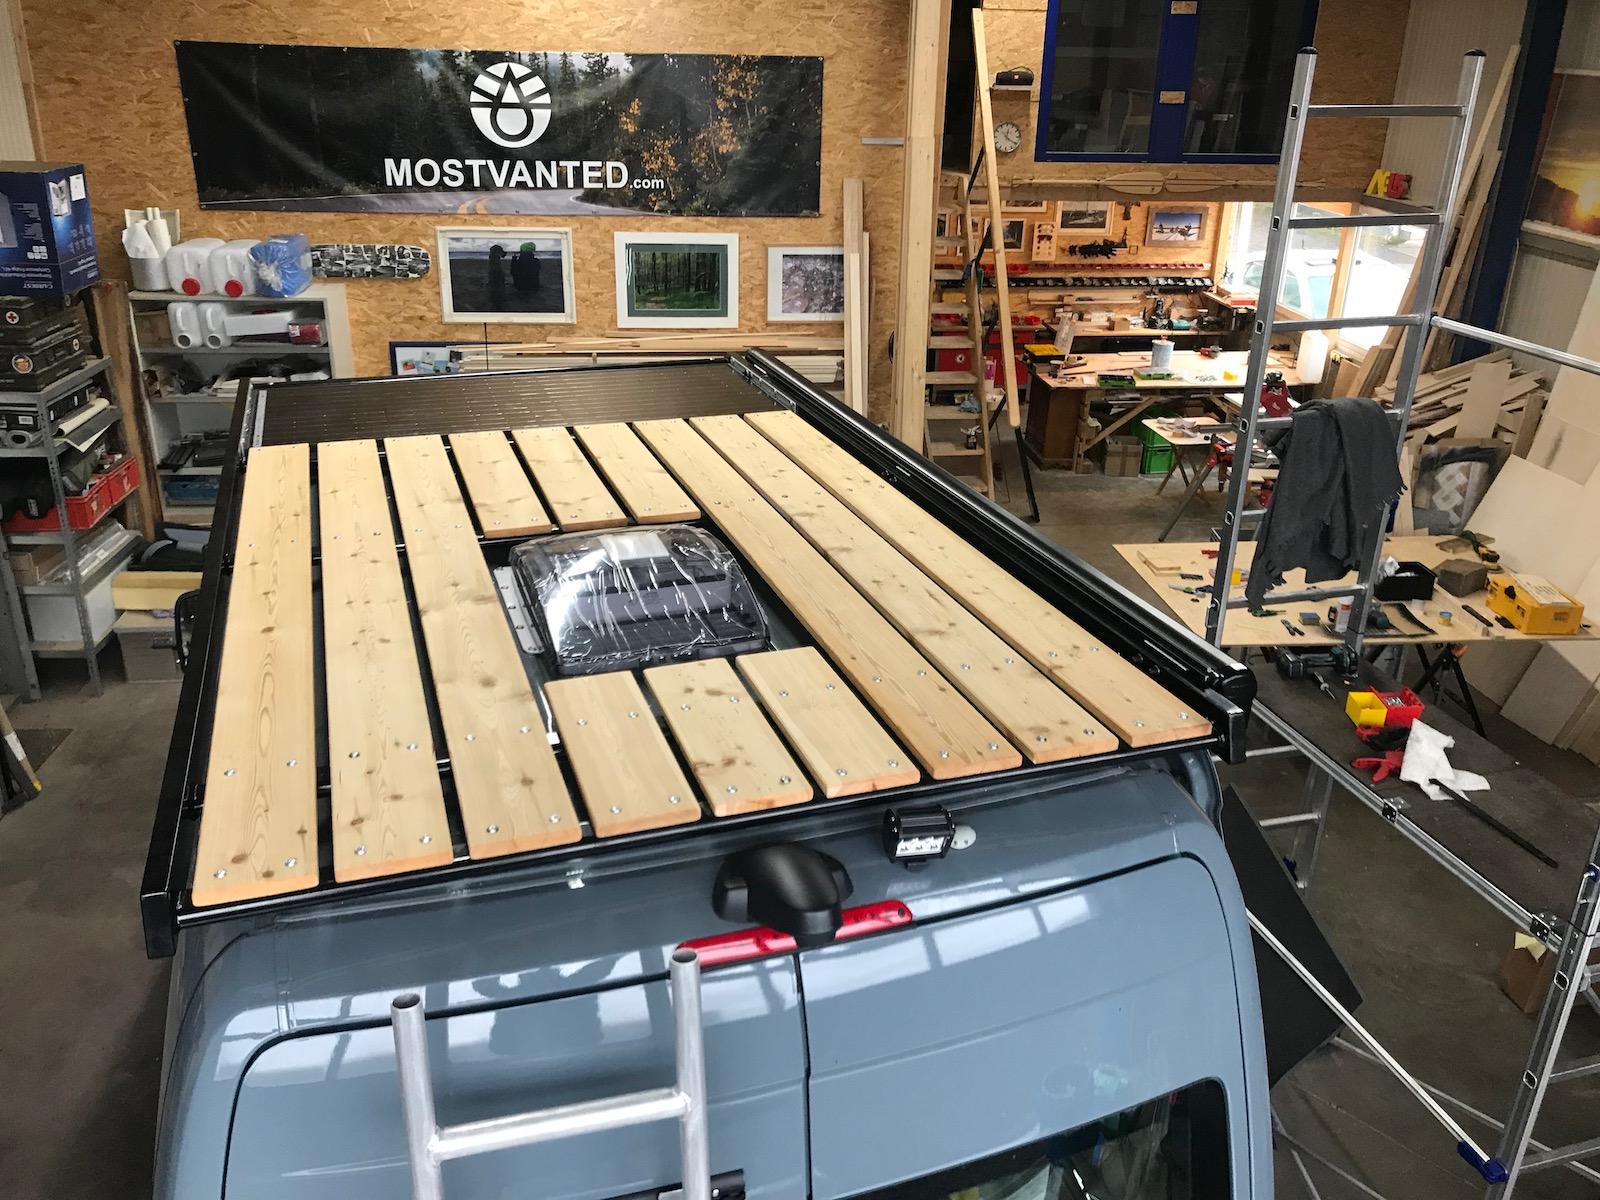 Mostvanted Dachträger mit Holzterrasse